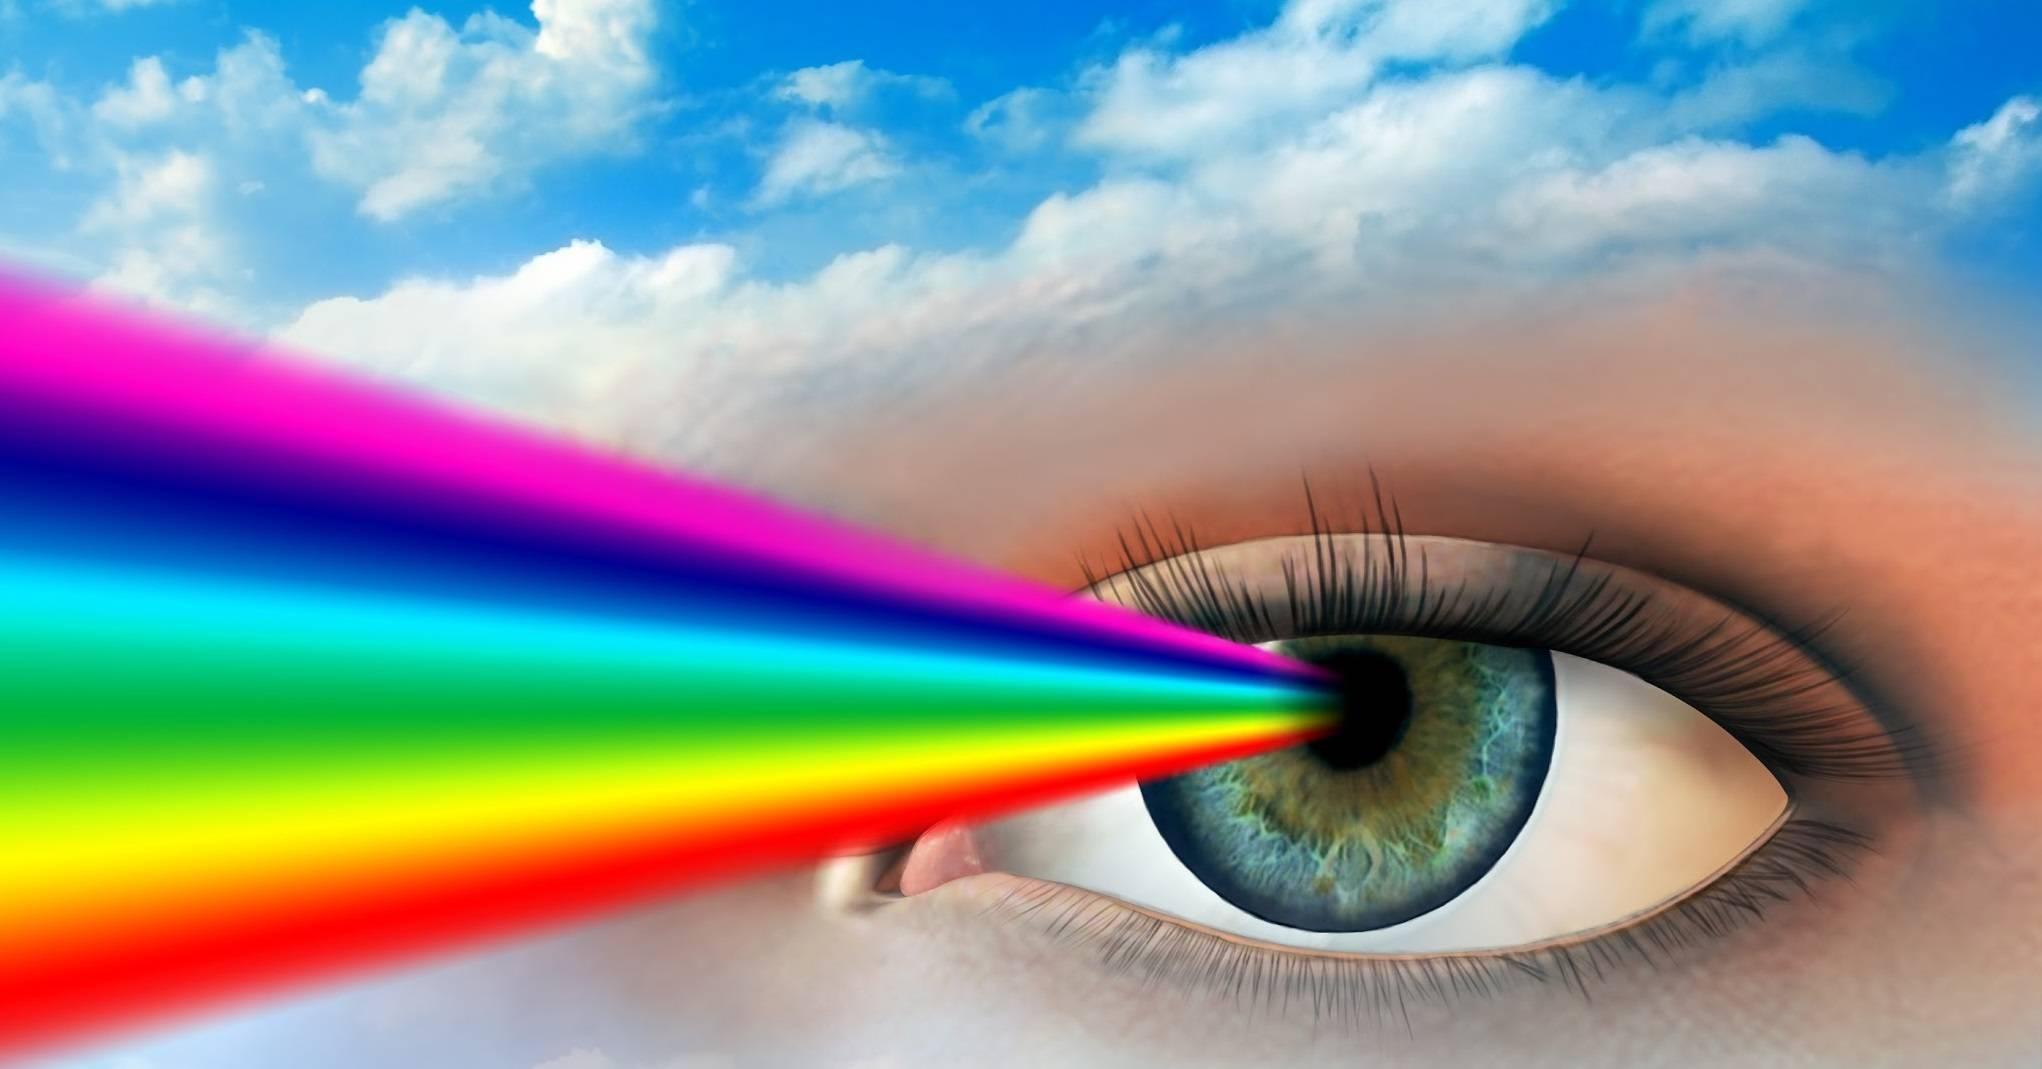 Астральное ясновидение как продукт управляемой саморегуляции. ирреальность ясновидения